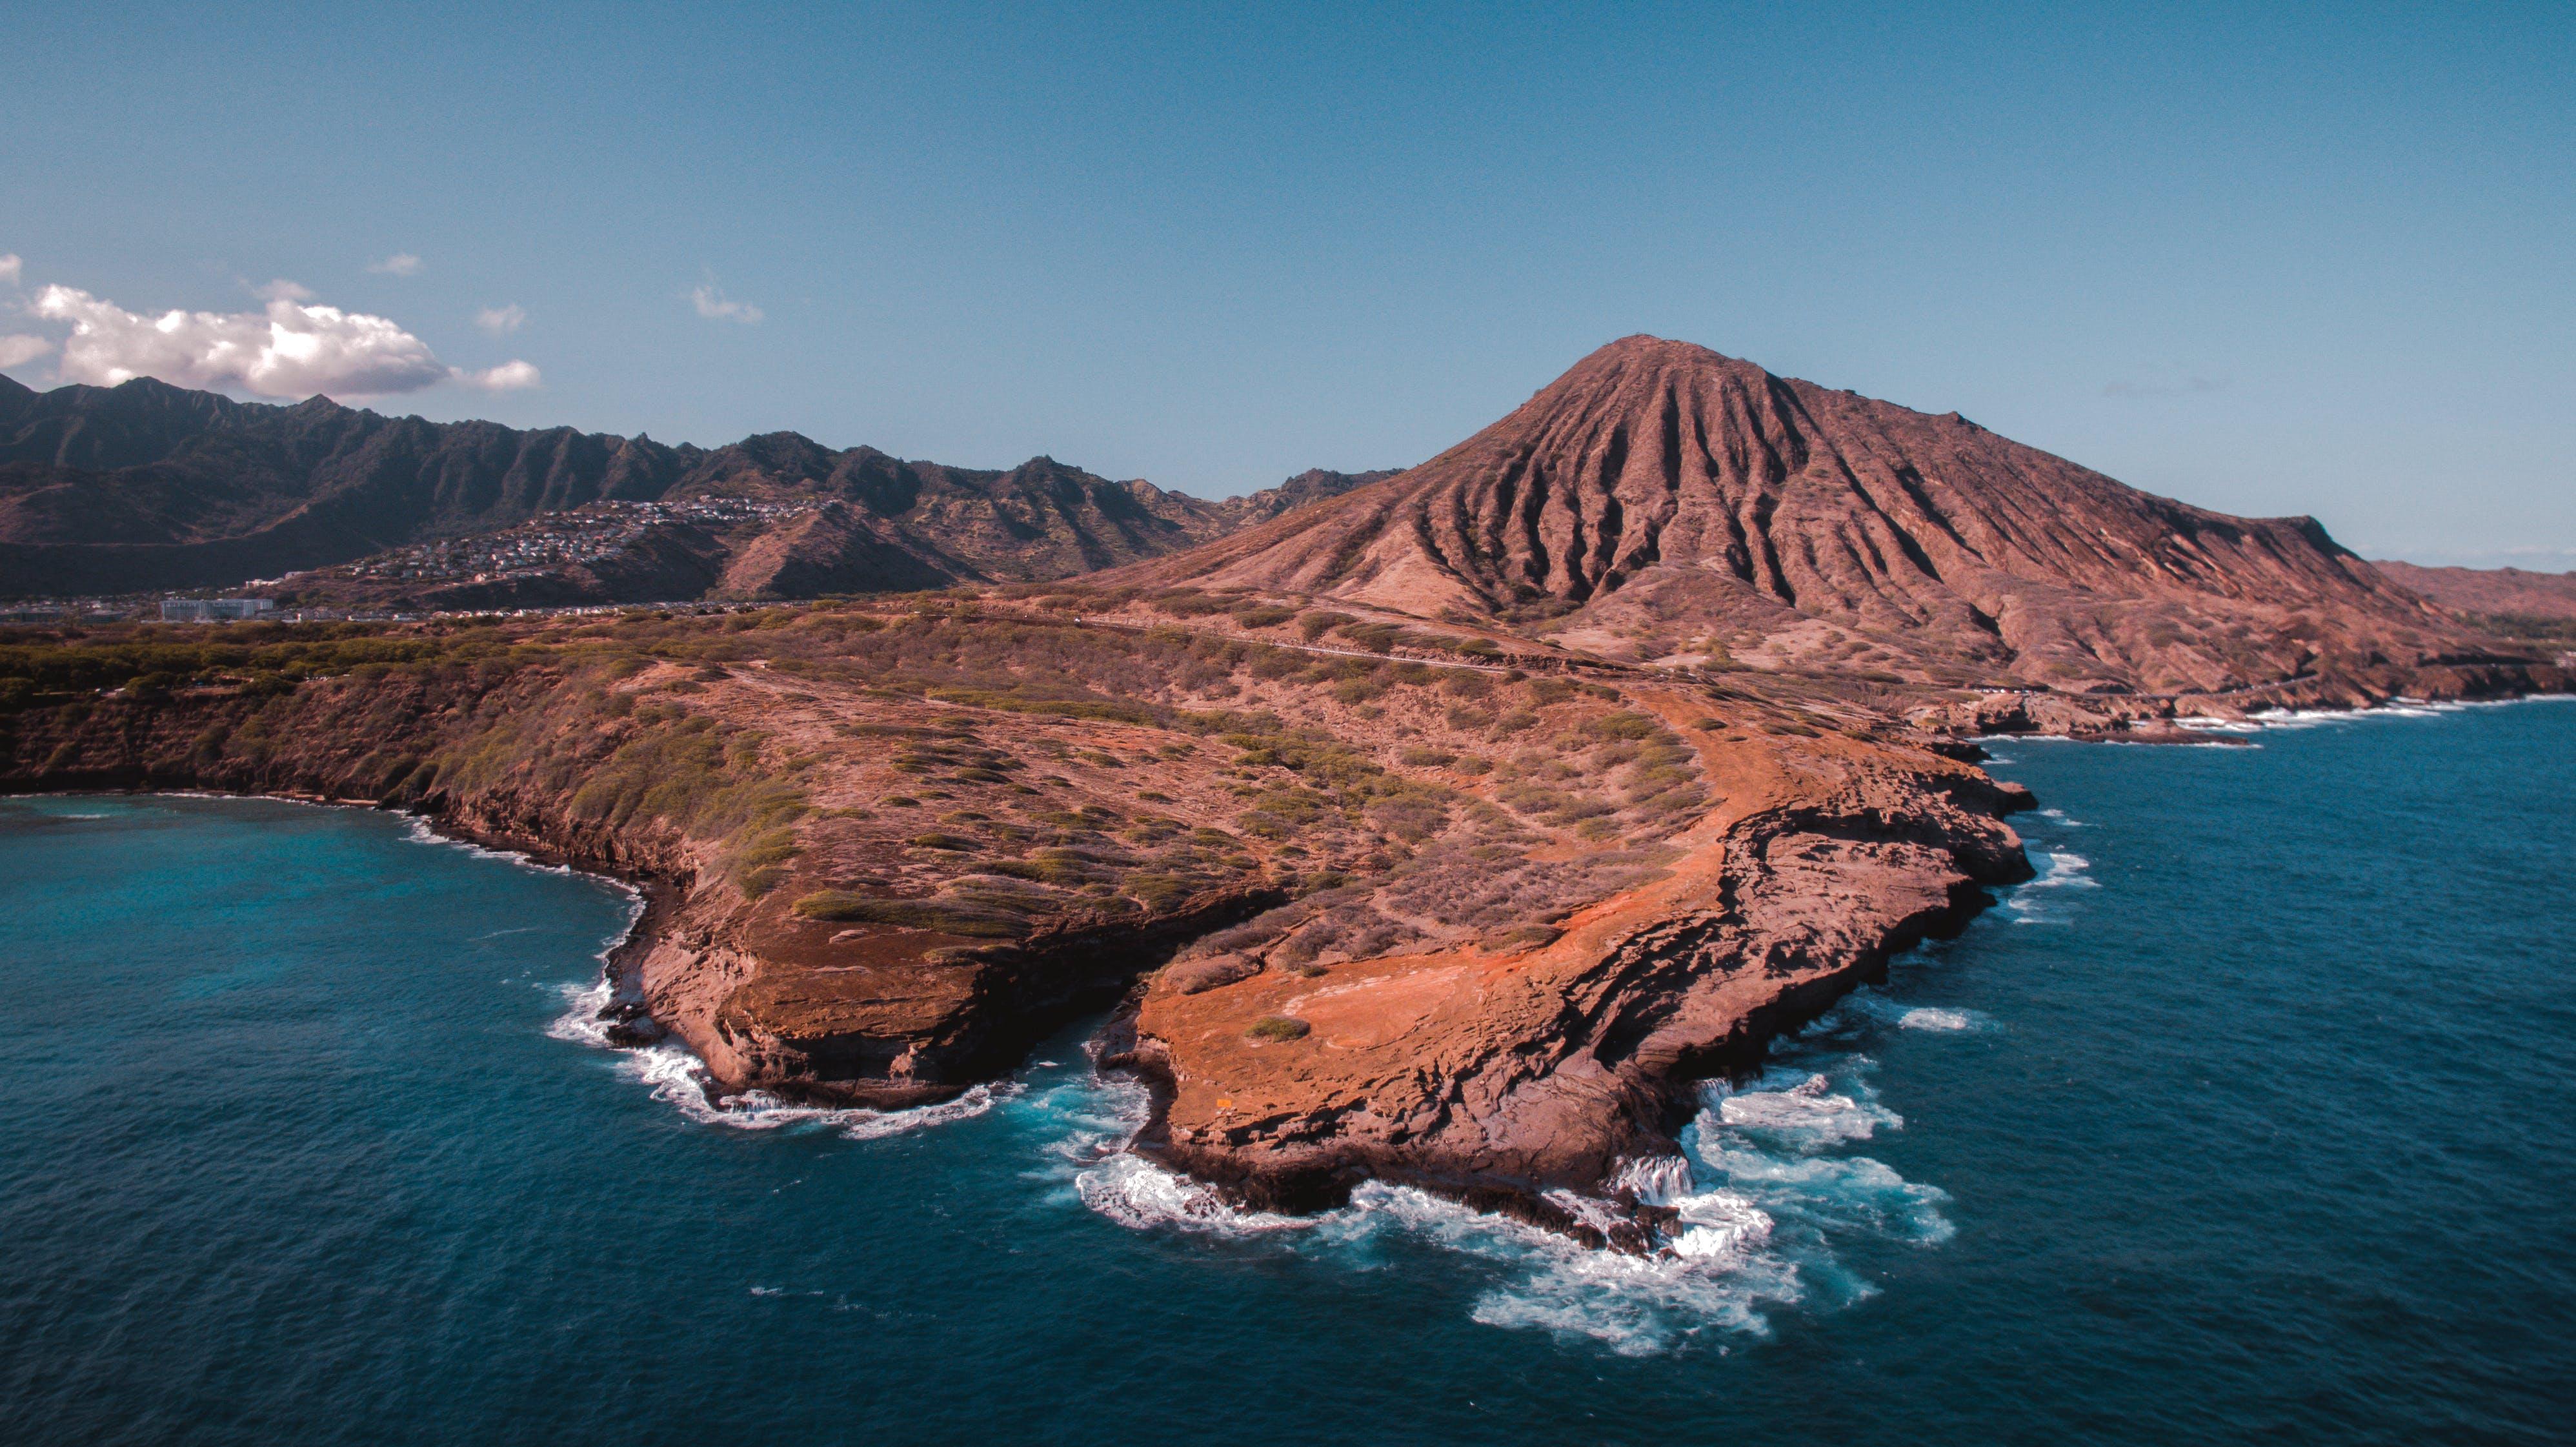 Fotos de stock gratuitas de costa, desde arriba, escénico, foto aérea